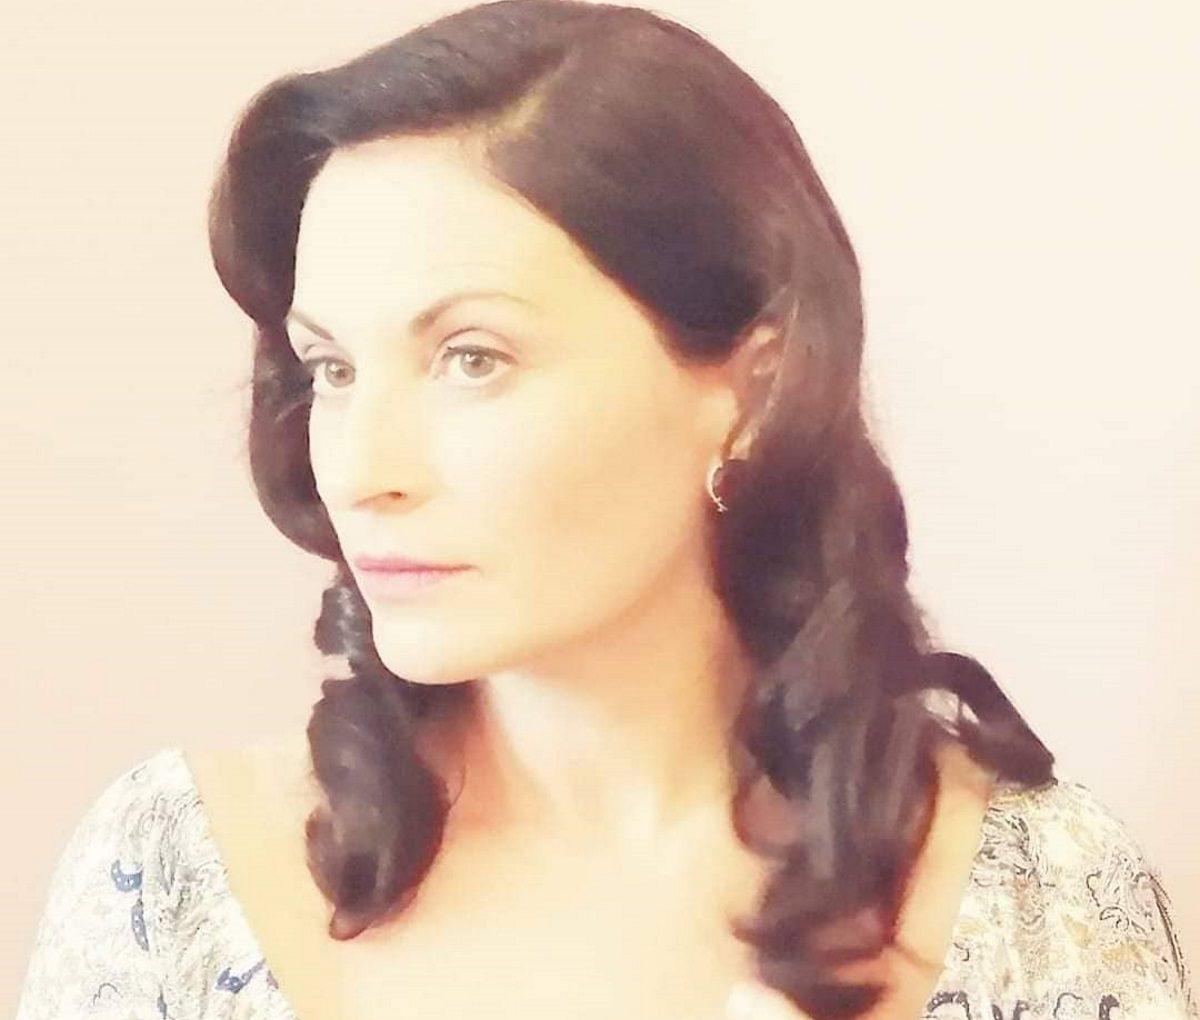 Θεοφανία Παπαθωμά: Η selfie της Βιολέτας με την καλύτερη παρέα στο Διαφάνι!   tlife.gr